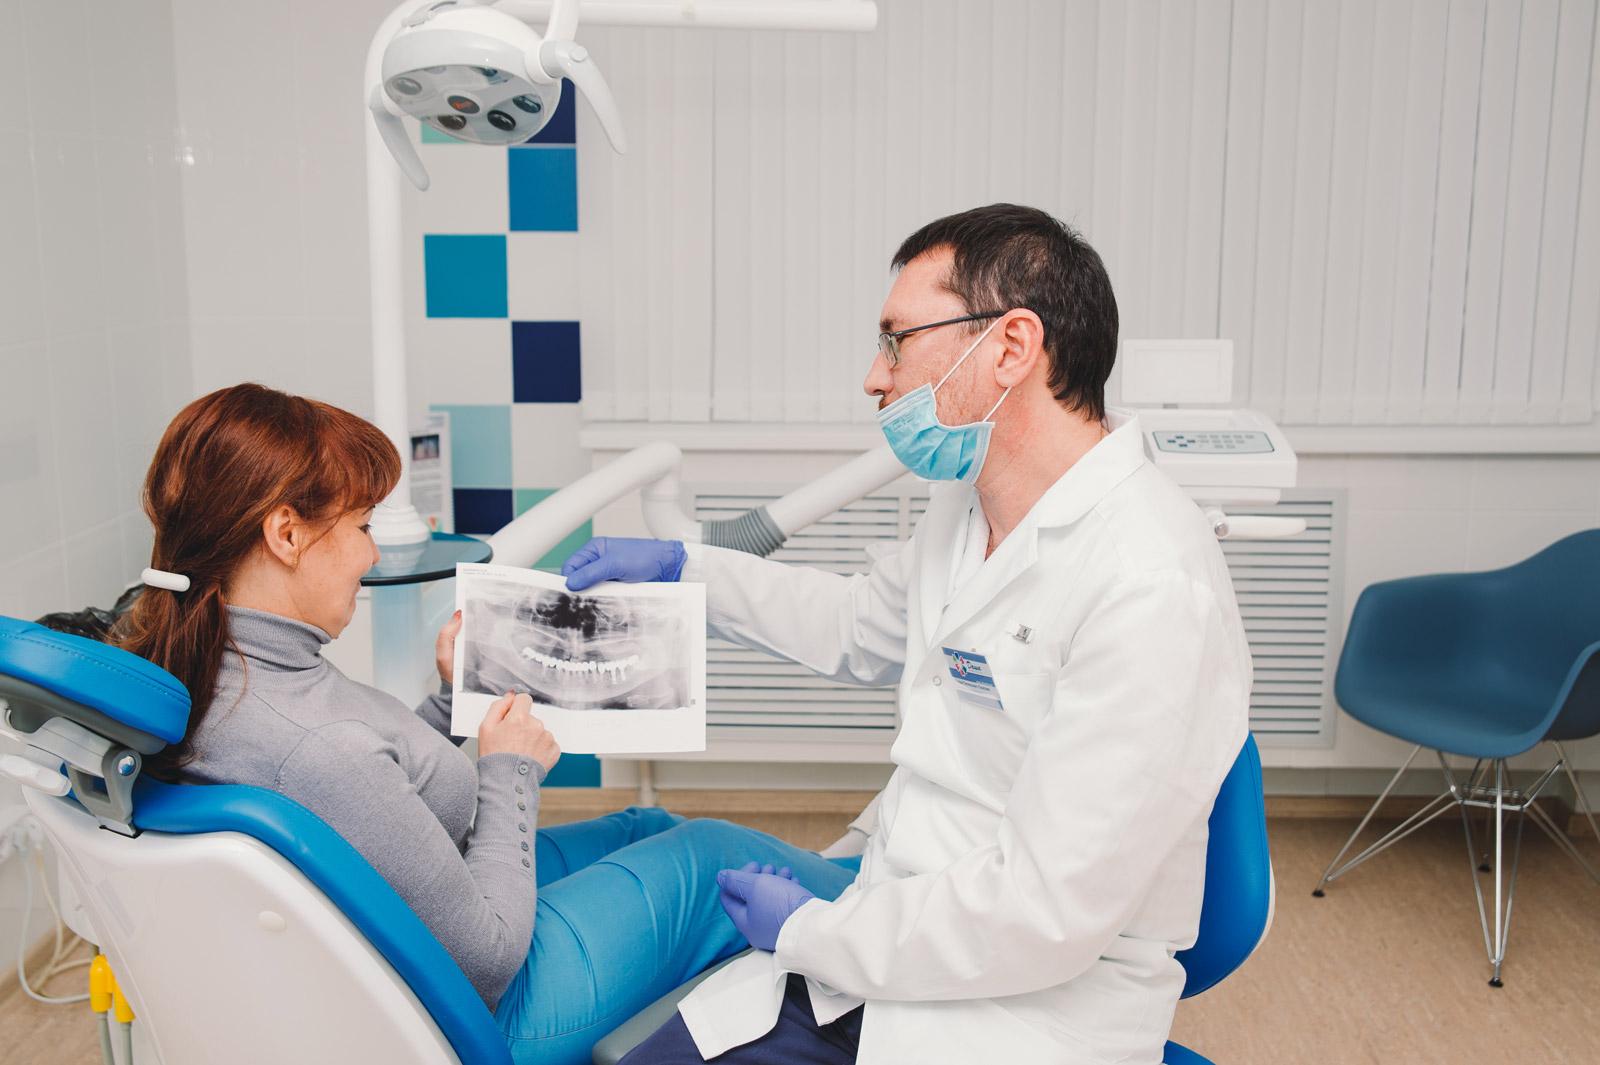 бесплатная консультация стоматолога имплантолога в Волгограде в стоматологии ДАША